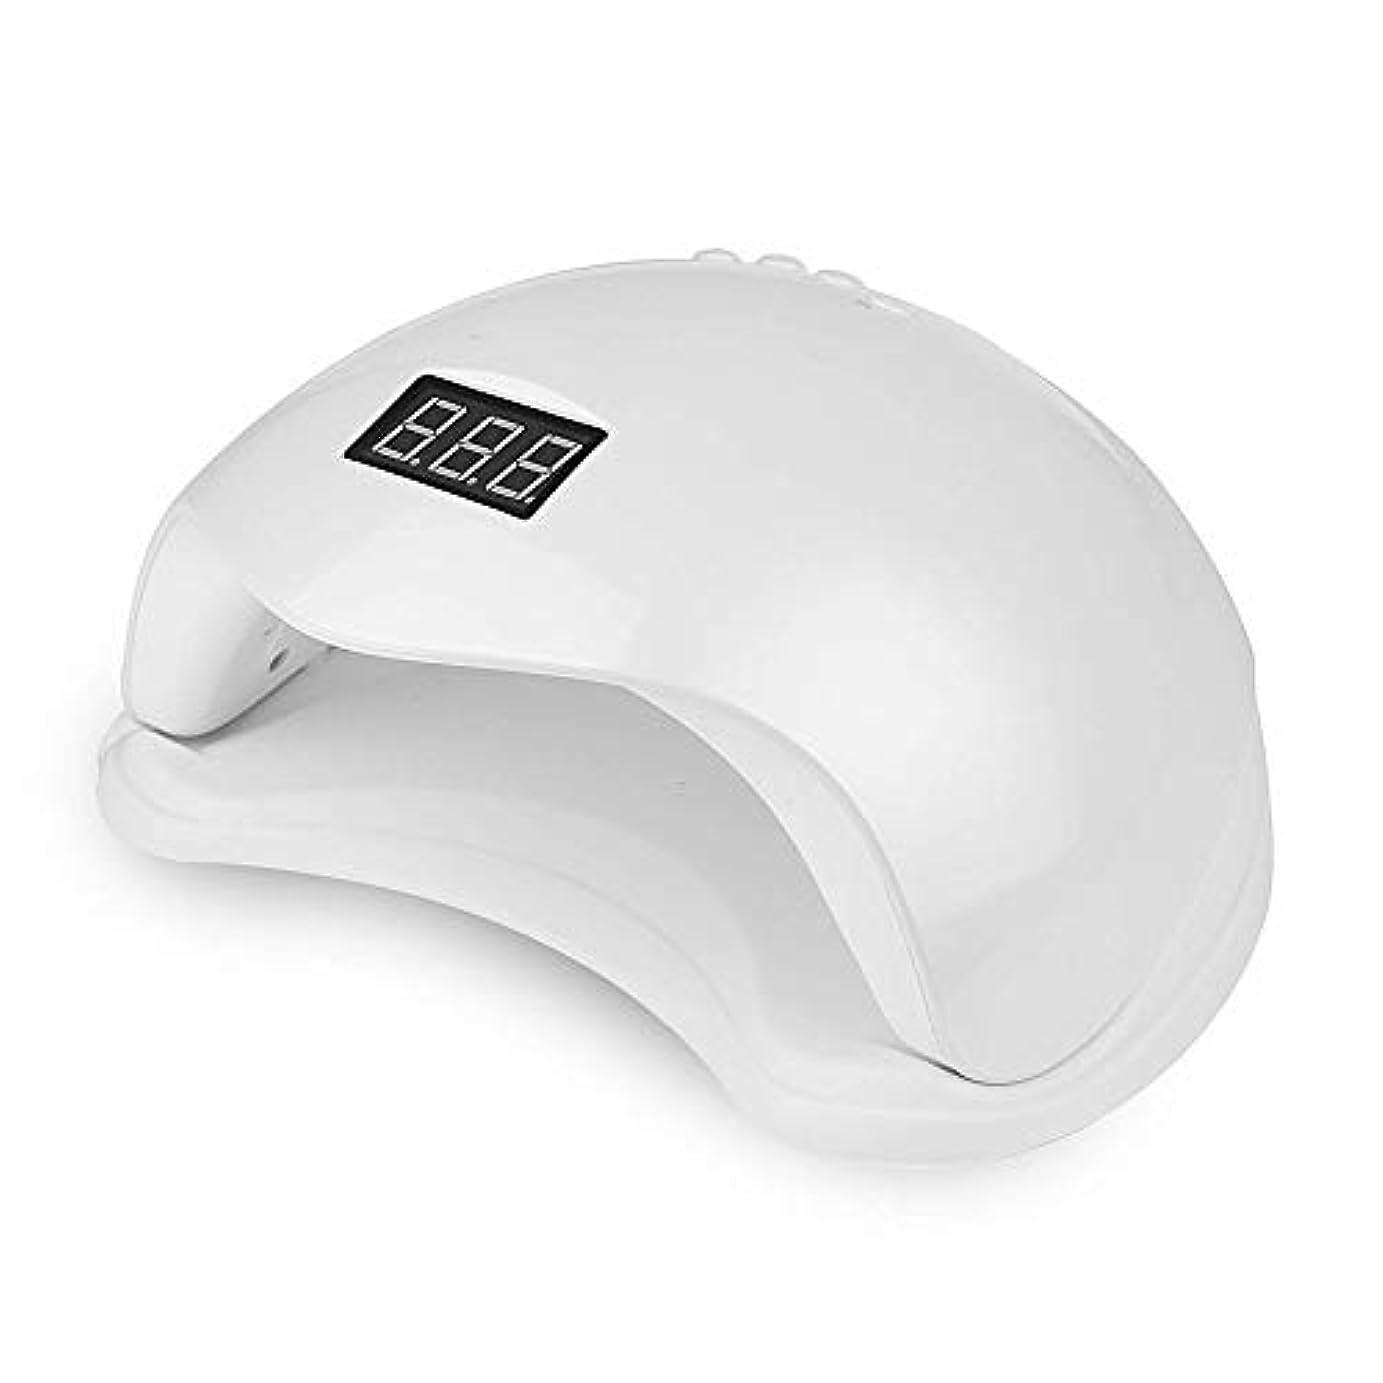 自動センサー付きプリセット48W LEDネイルライト4プリセットタイマー10秒、30秒、60秒、99秒